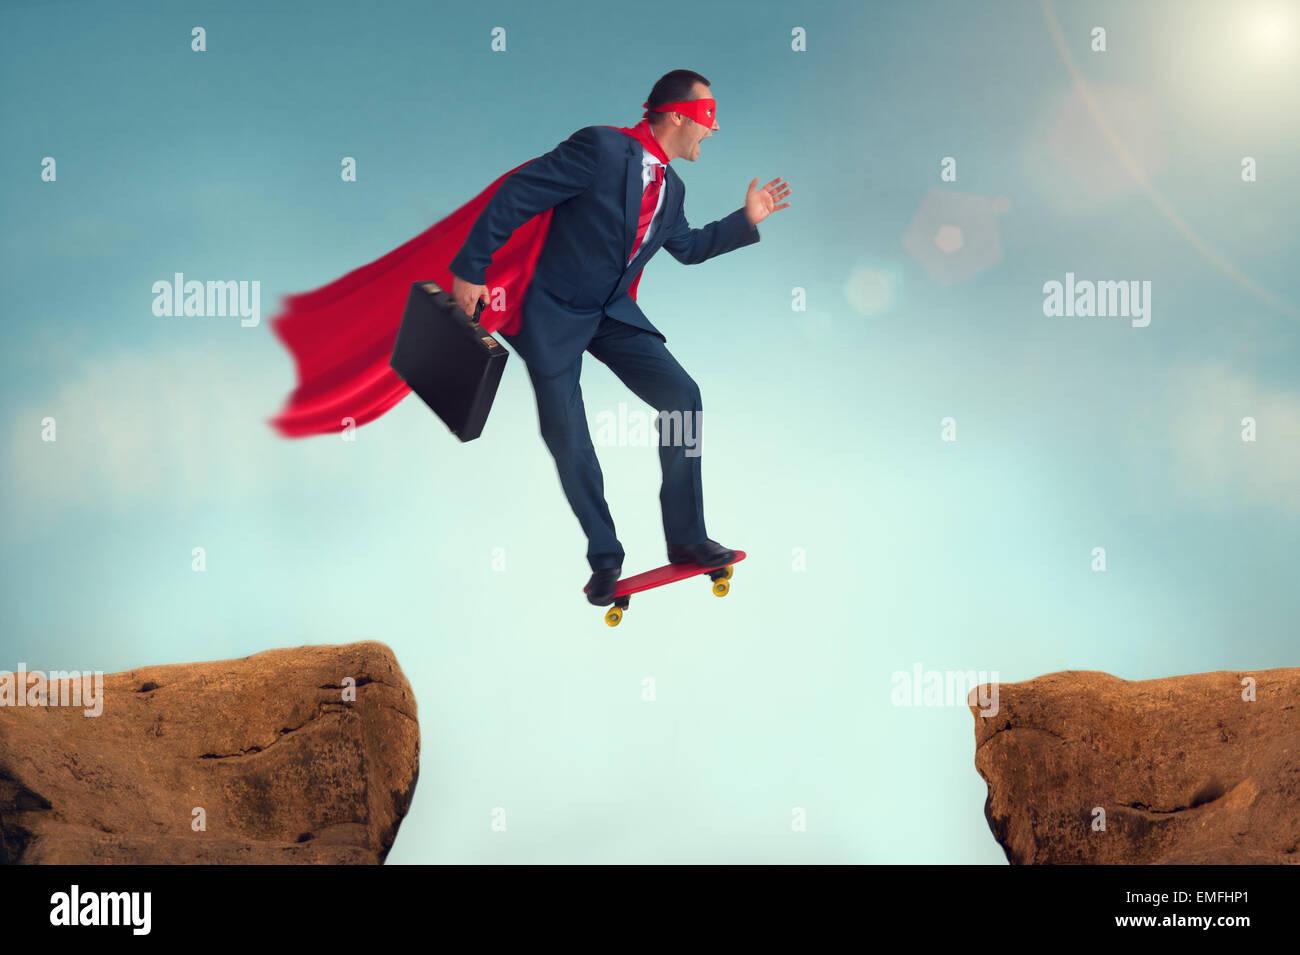 Superheld Geschäftsmann Herausforderung einer riskanten Sprung des Glaubens auf einem skateboard Stockbild